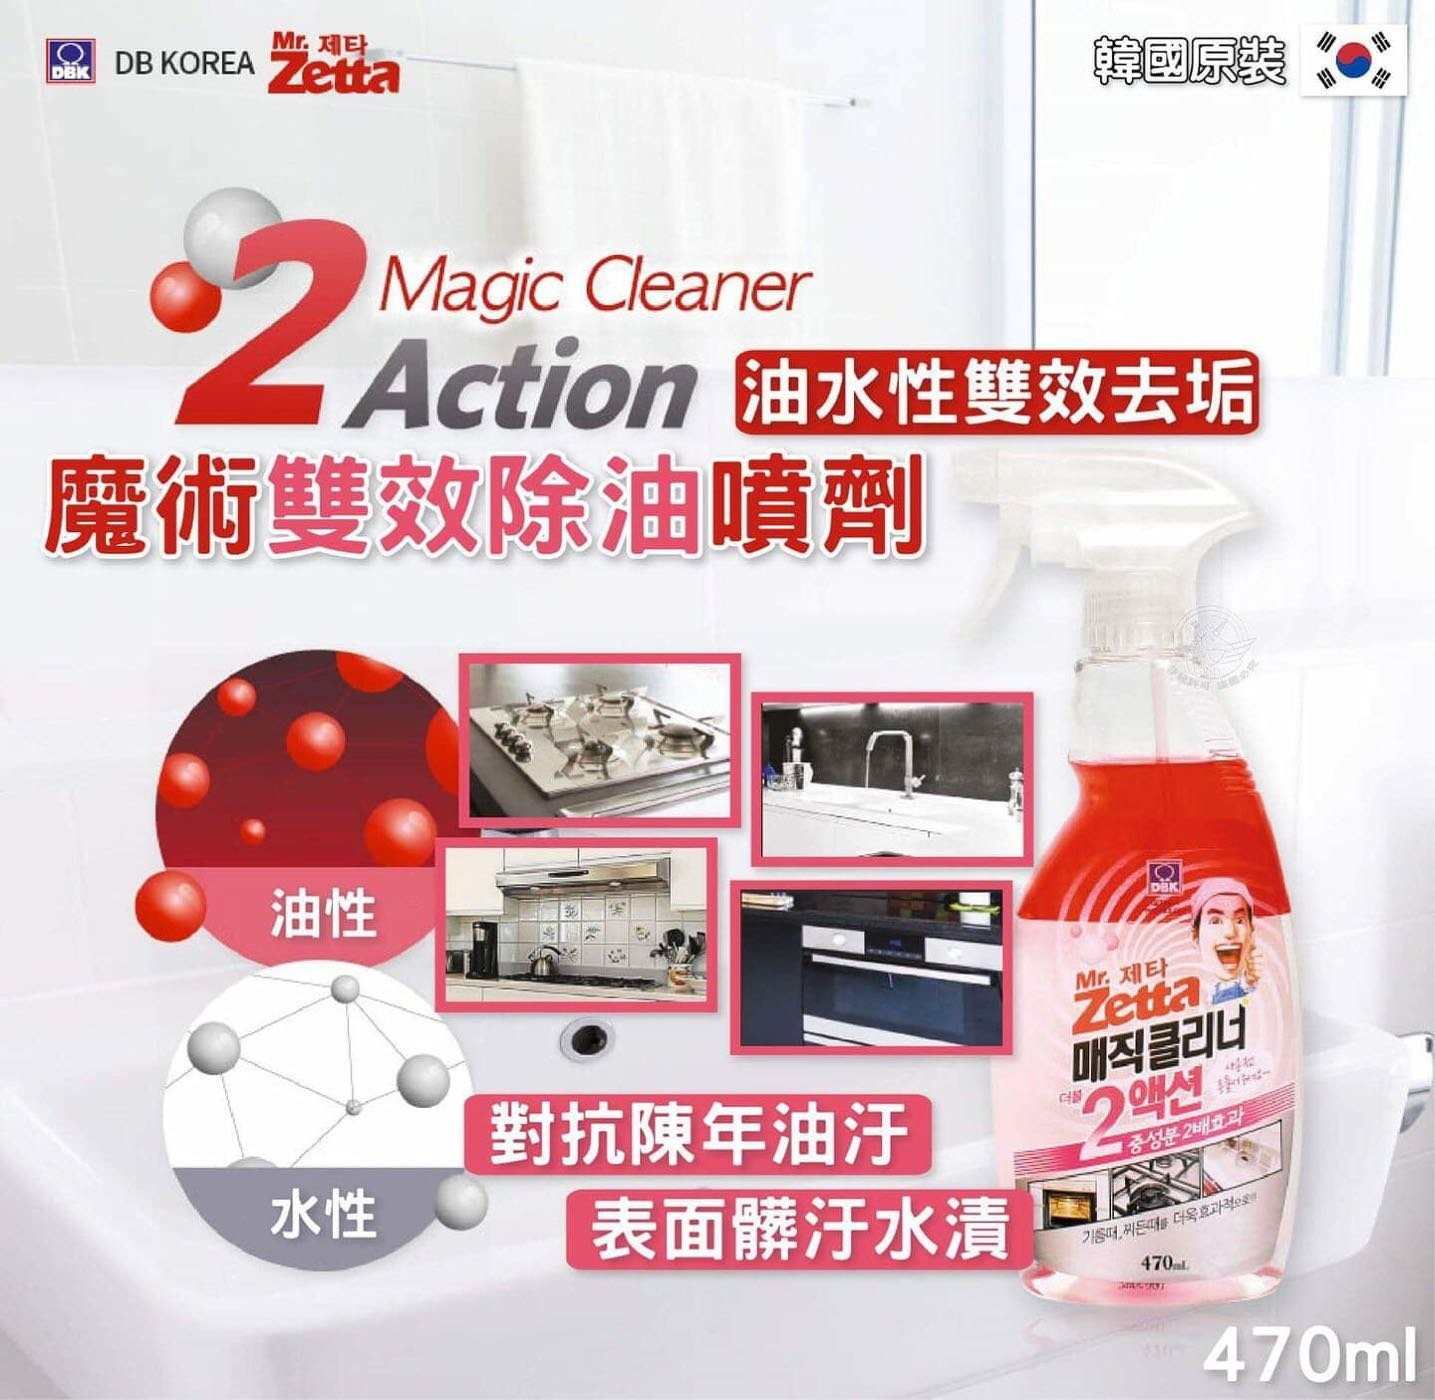 【 】韓國 Zetta 魔術2倍雙效 除油清潔劑 廚房 瓦斯爐 微波爐 油垢 污垢 噴霧